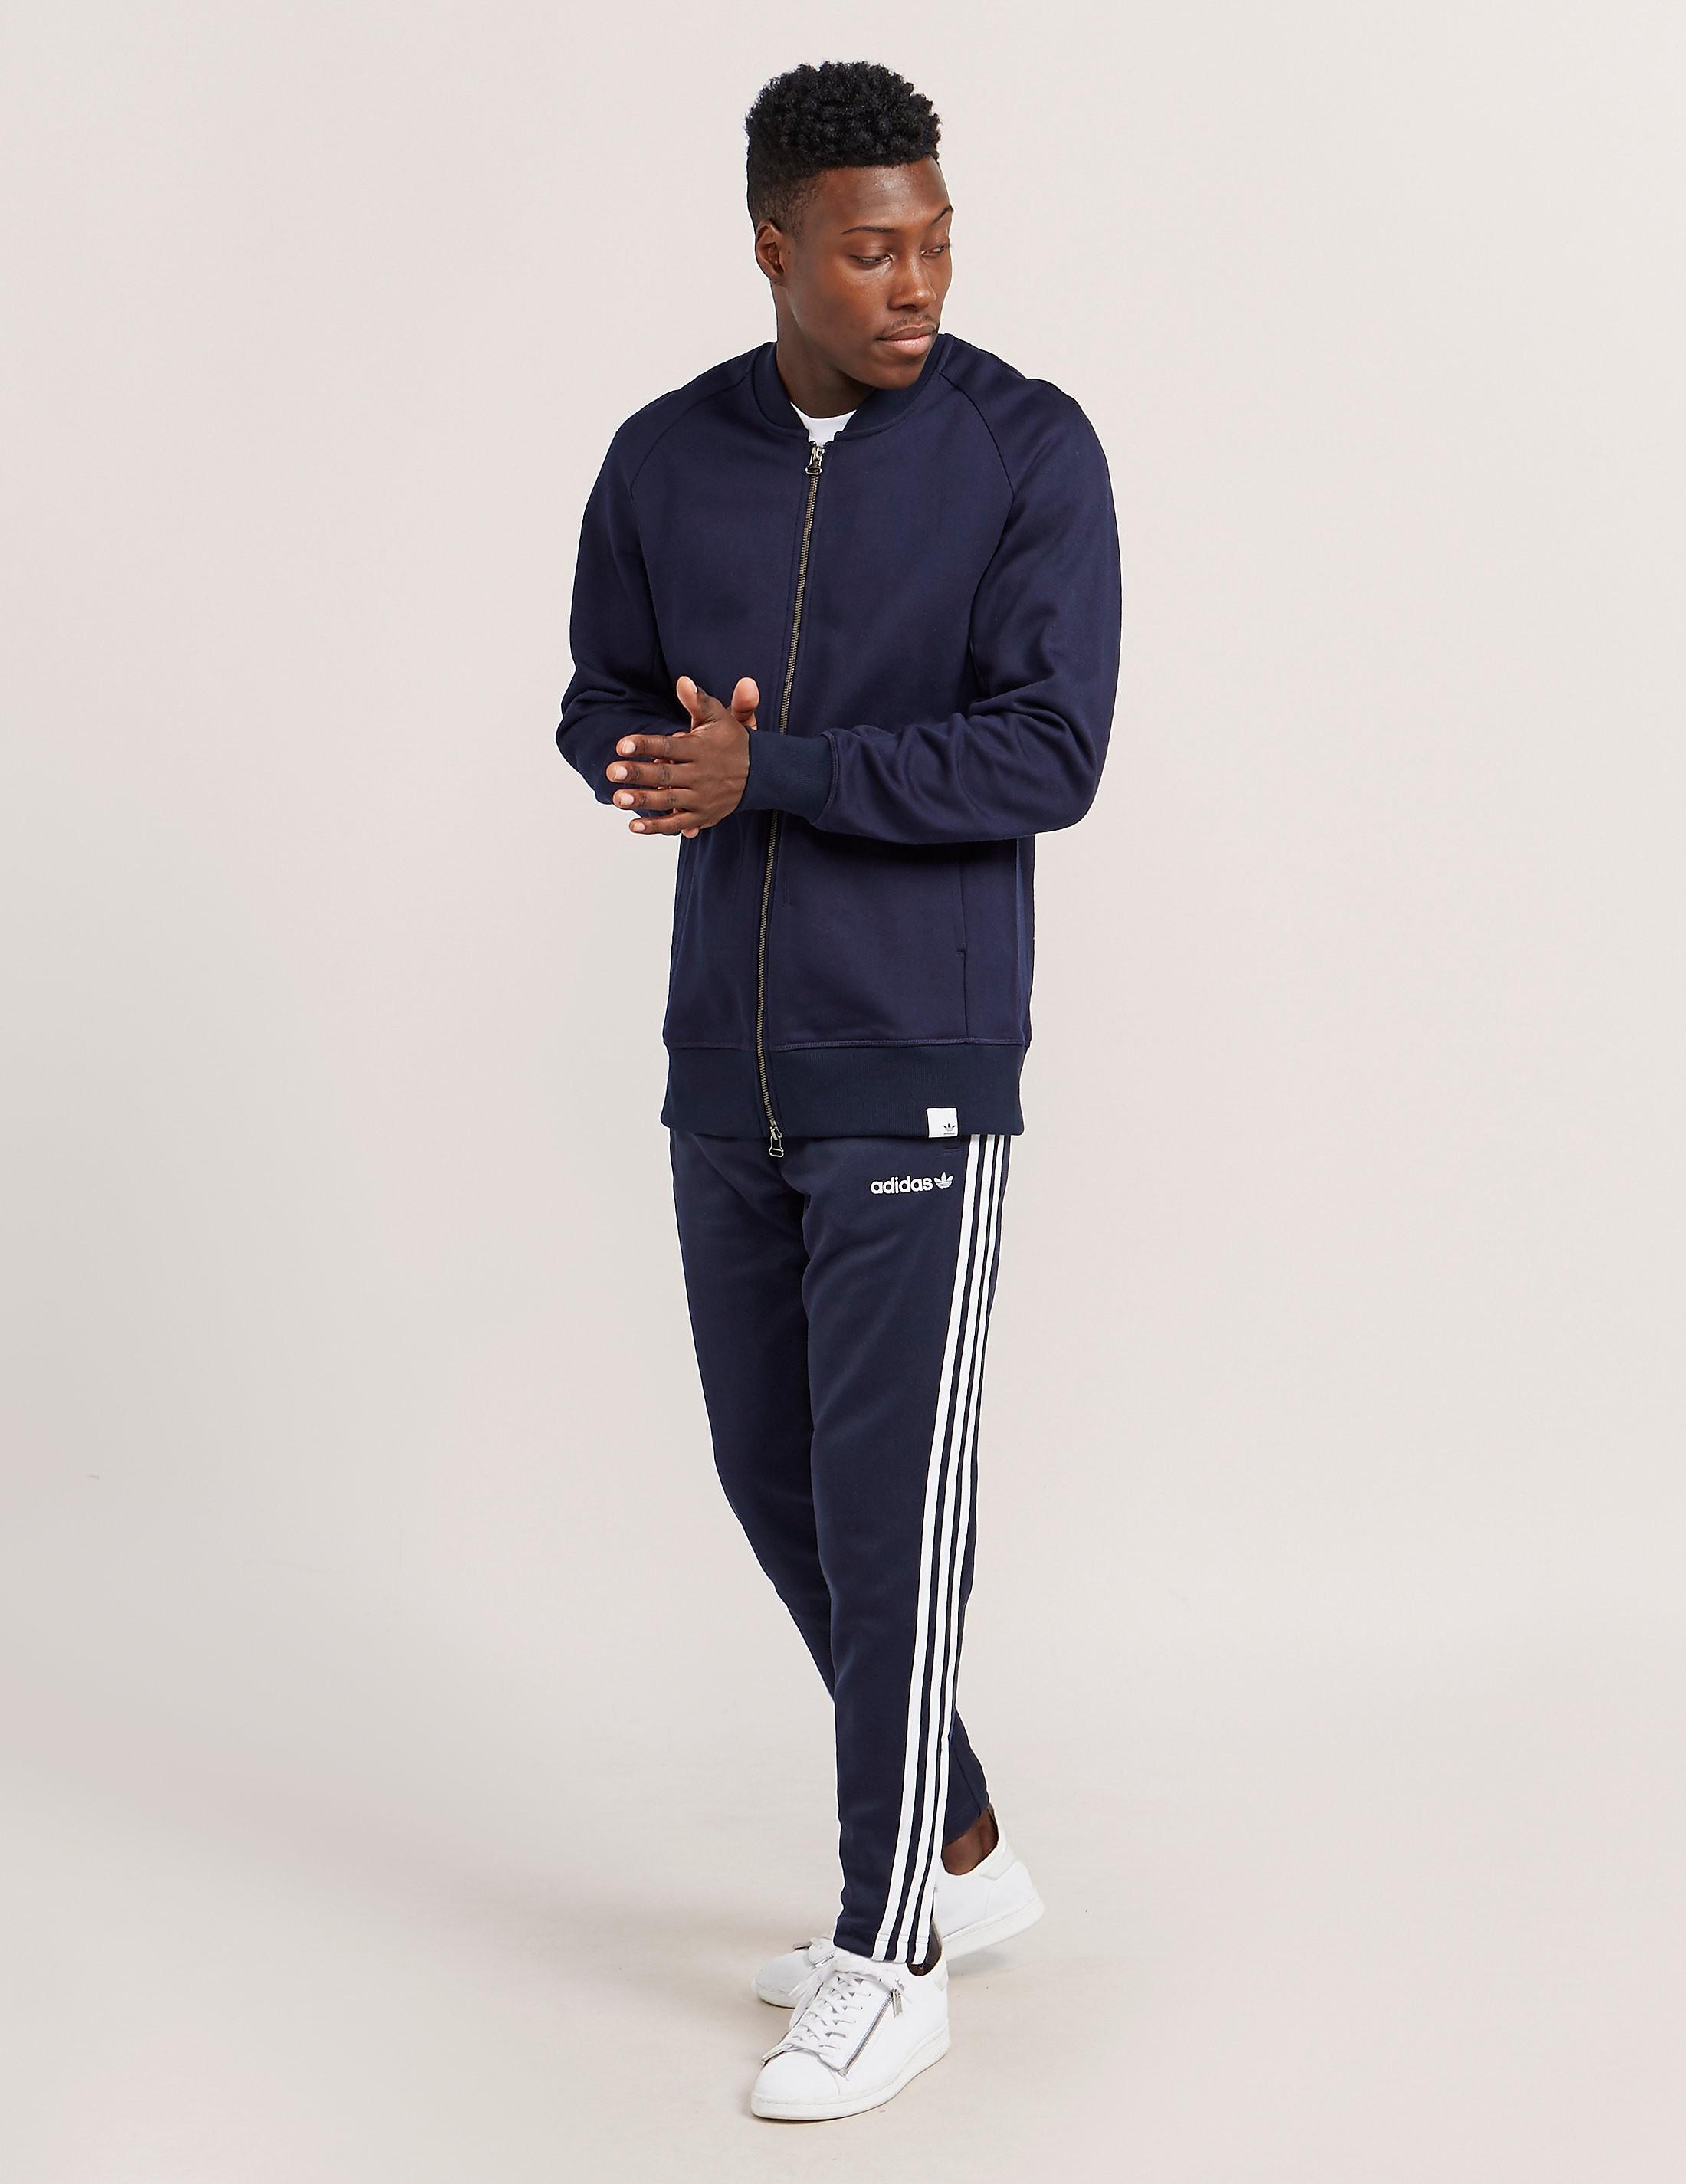 adidas Originals XBYO Track Top